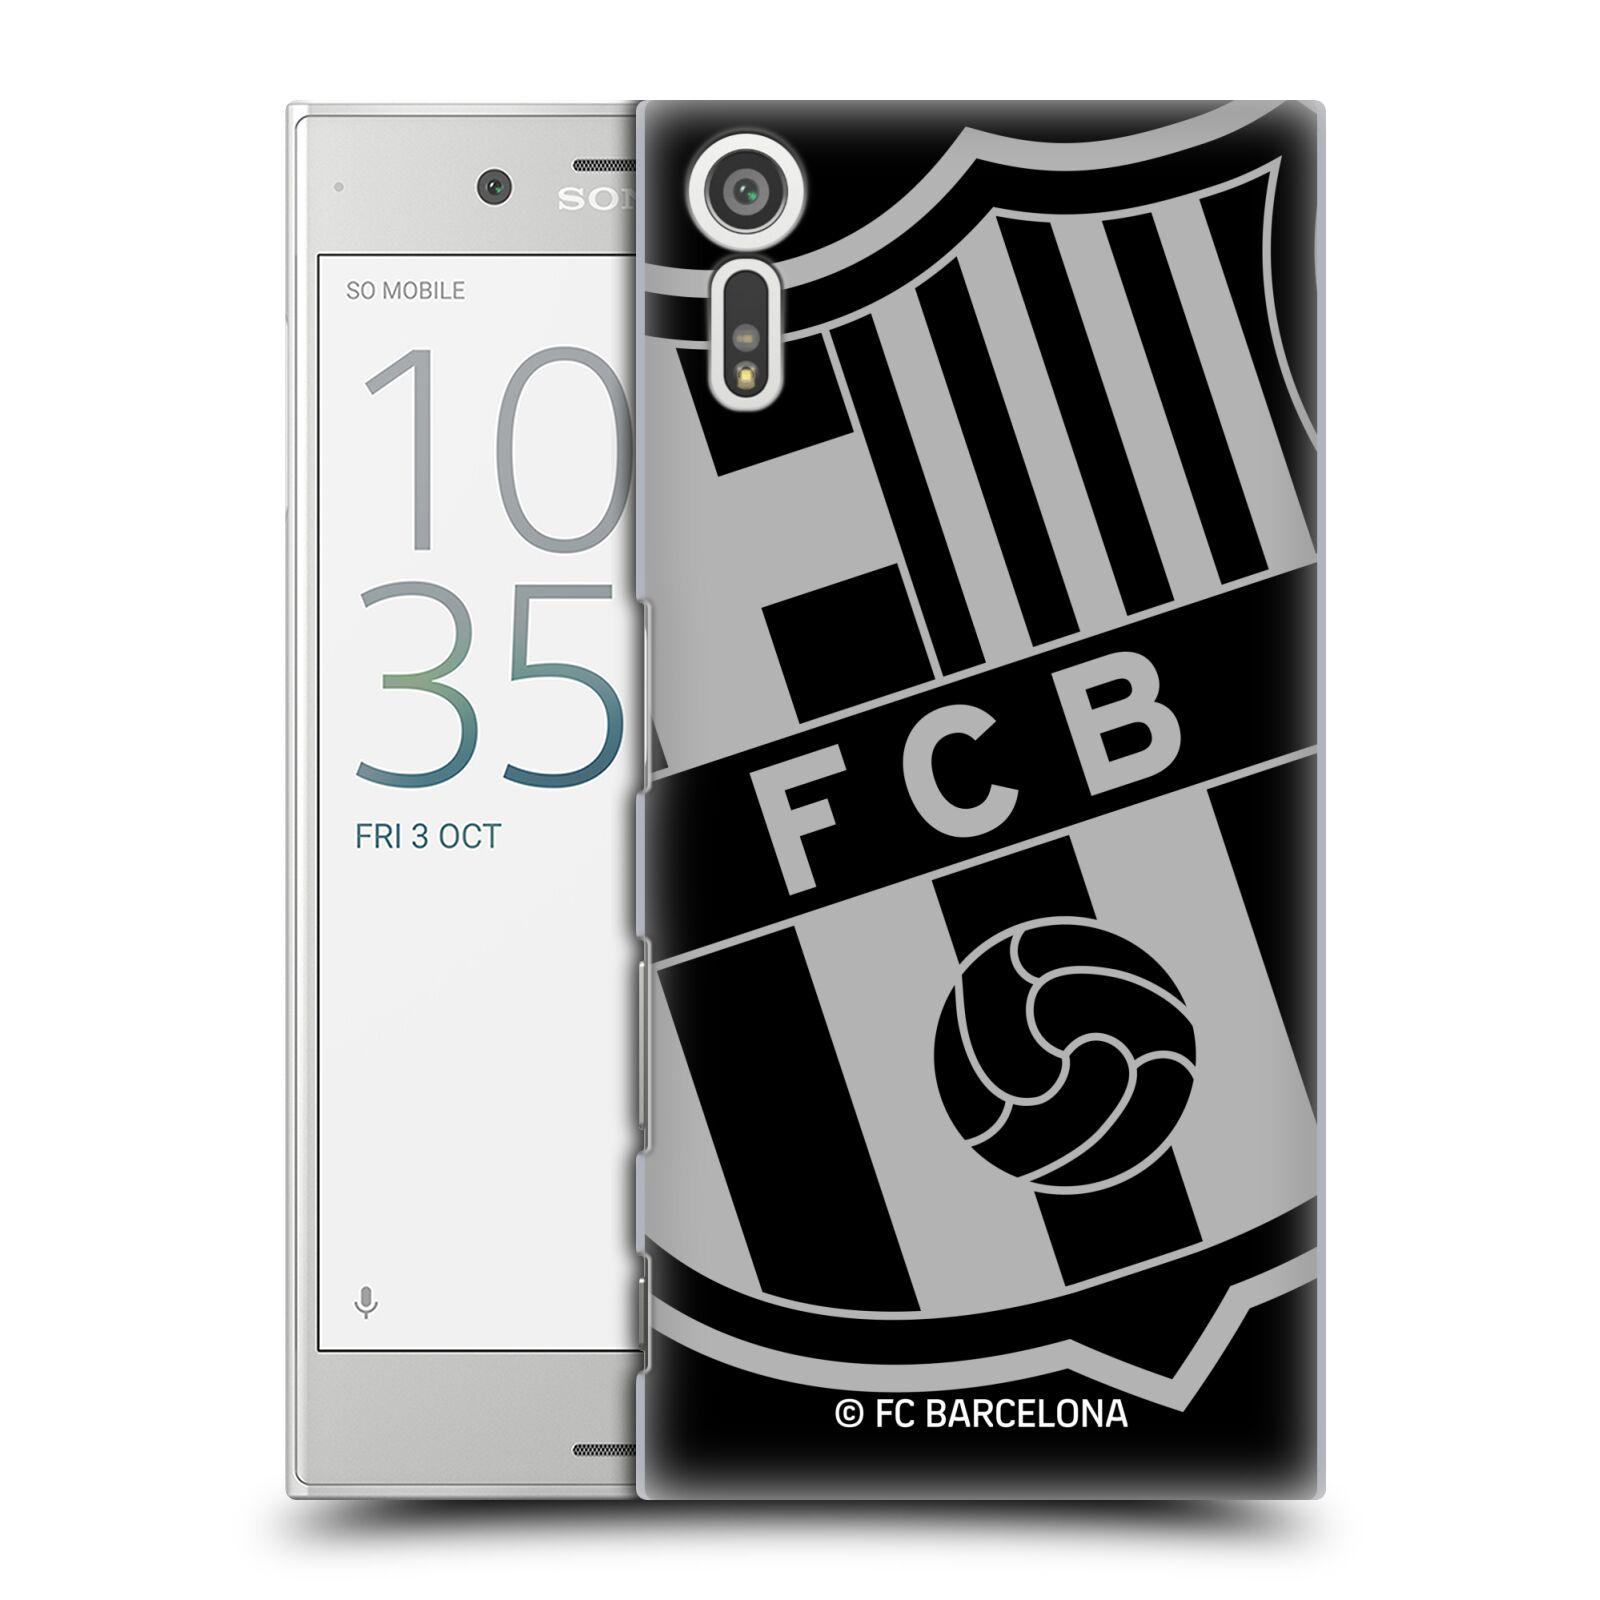 Plastové pouzdro na mobil Sony Xperia XZ - Head Case - FC Barcelona - Velké logo (Plastový kryt či obal na mobilní telefon s oficiálním licencovaným motivem FC Barcelona - Velké logo pro Sony Xperia XZ F8331 / Sony Xperia XZ Dual F8332)